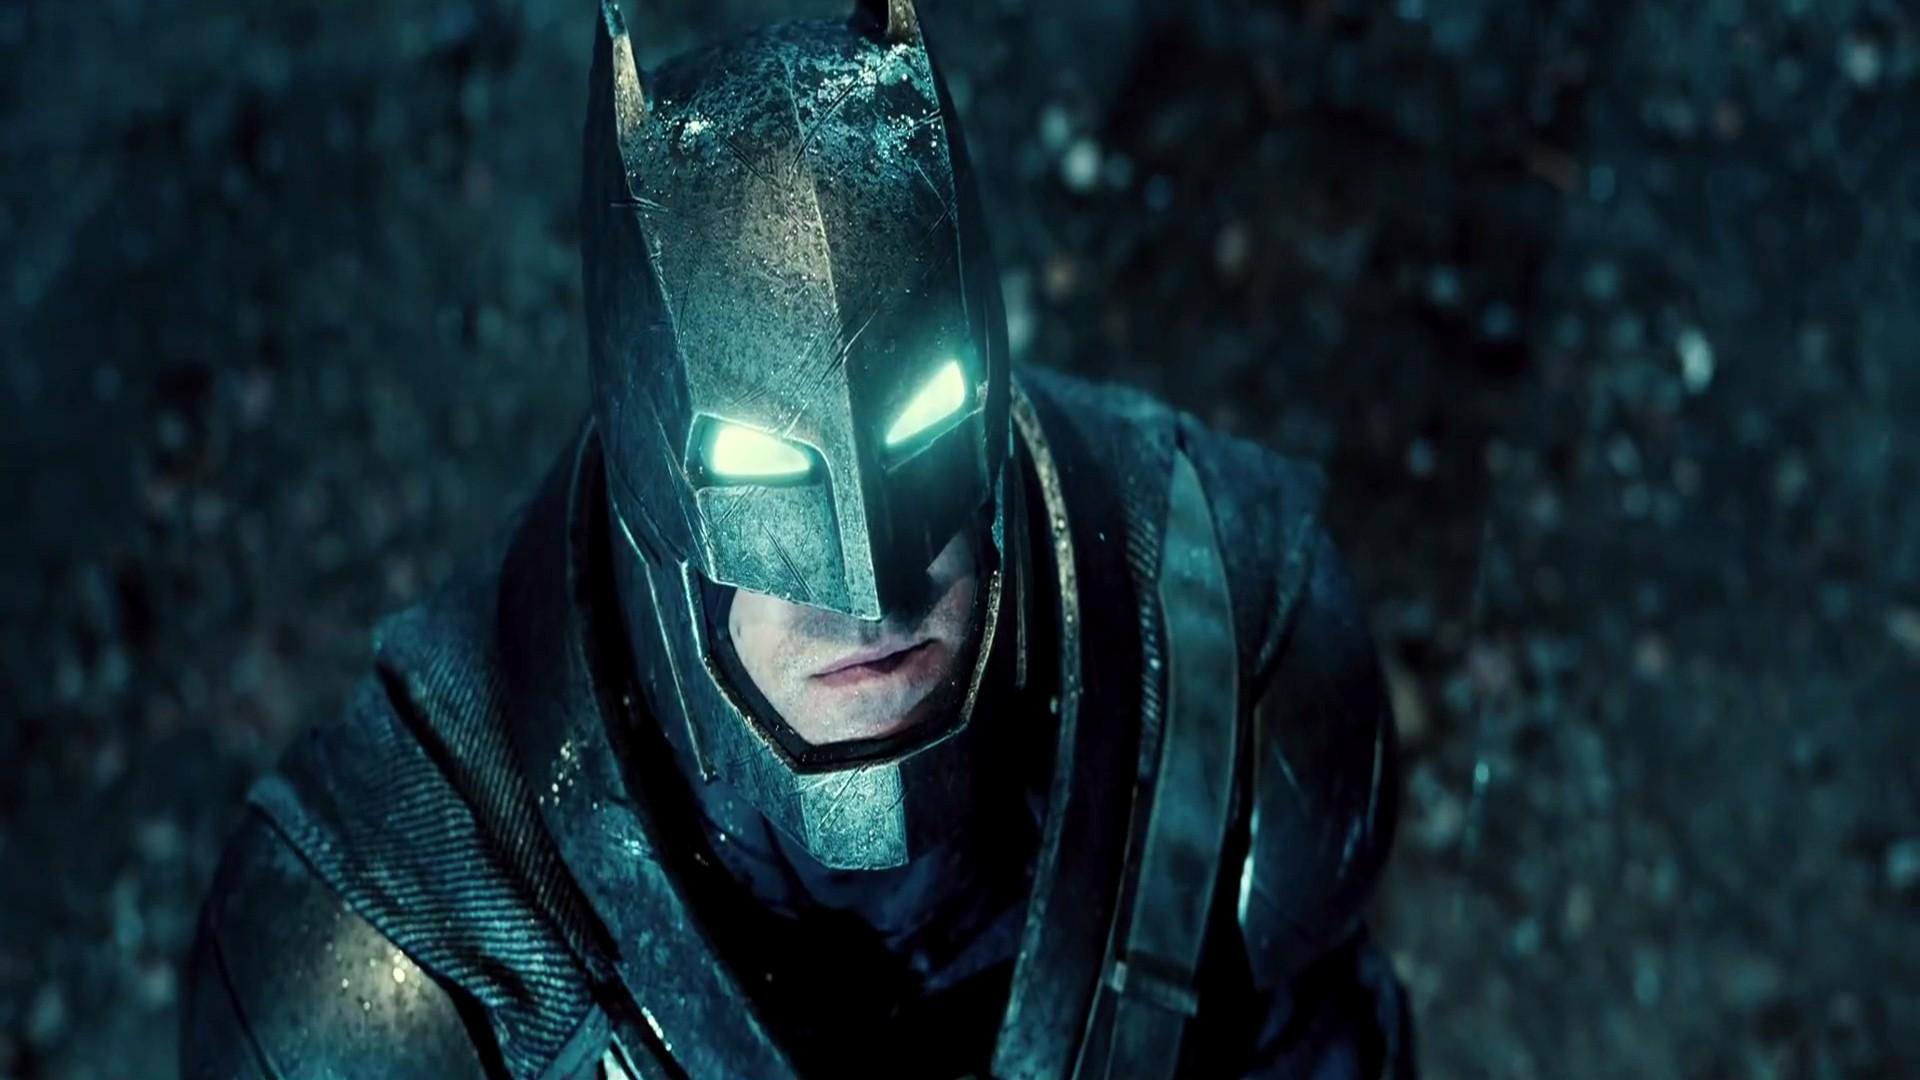 Upcoming Hollywood Movies Hd Wallpapers Batman V Superman